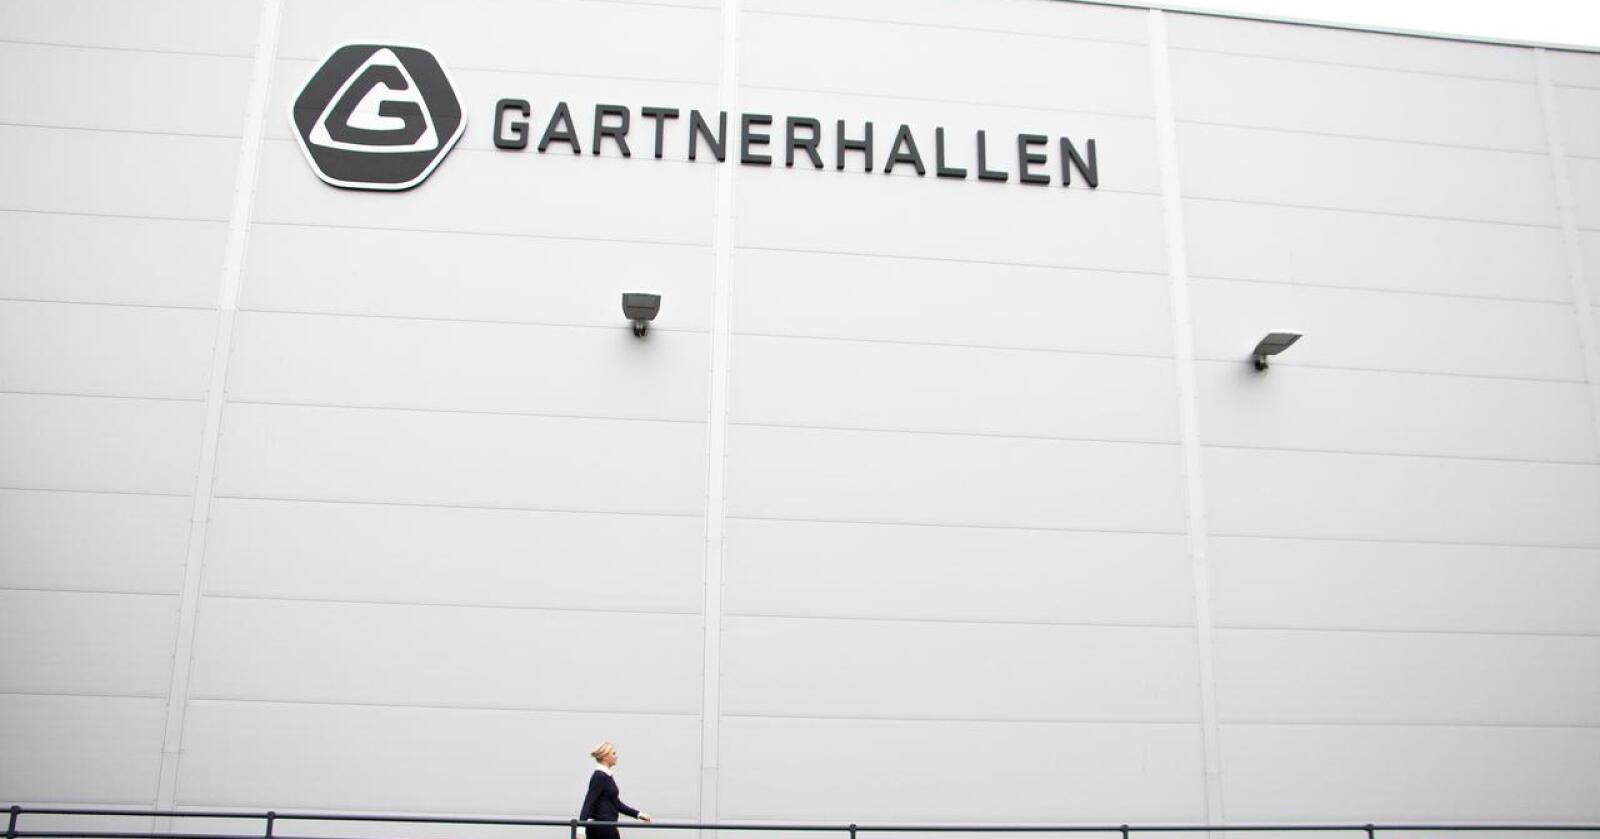 Gartnerhallen tapte i alle tre rettsinstanser mot revisorfirmaet KPMG. Det kostet samvirket dyrt. Foto: Gartnerhallen